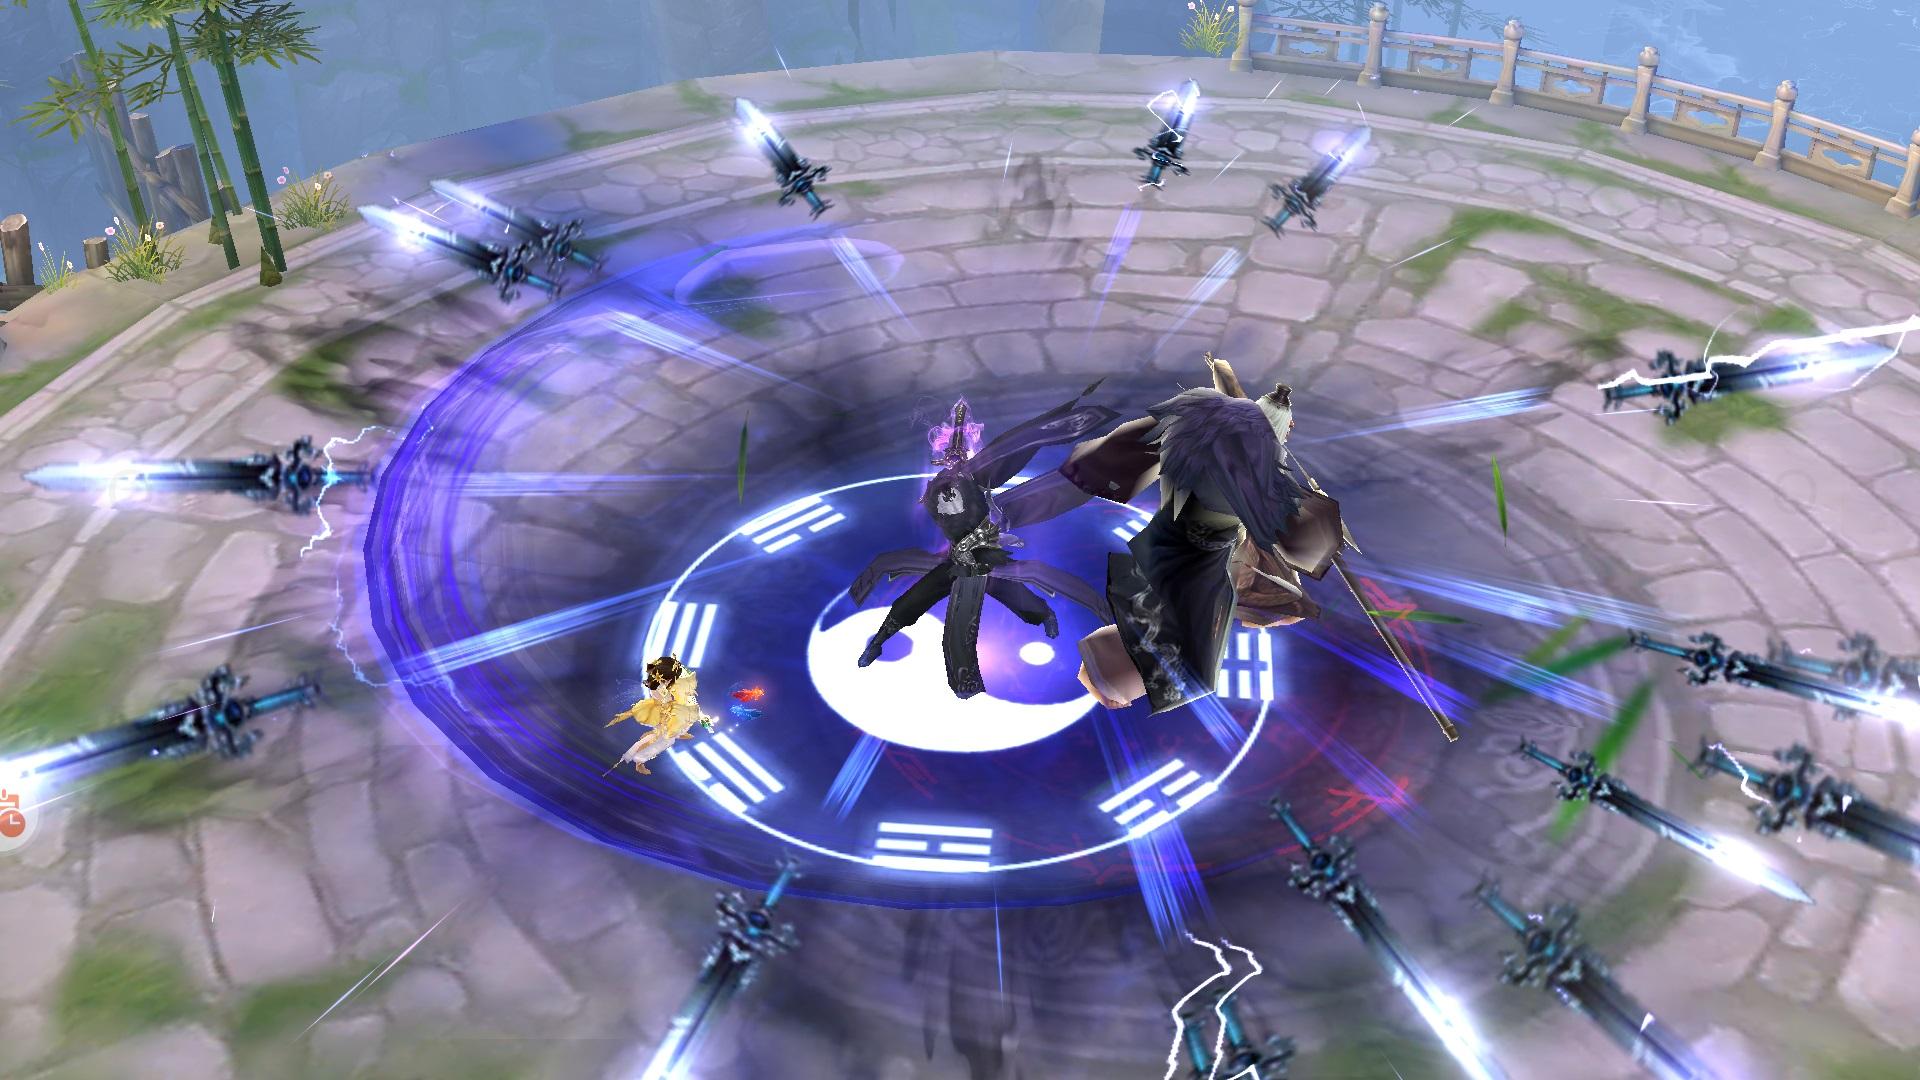 Trong Giang Hồ Chi Mộng - Tuyệt Thế Võ Lâm, võ học không có giới hạn - sự giới hạn nằm ở khả năng học hỏi và sáng tạo của game thủ